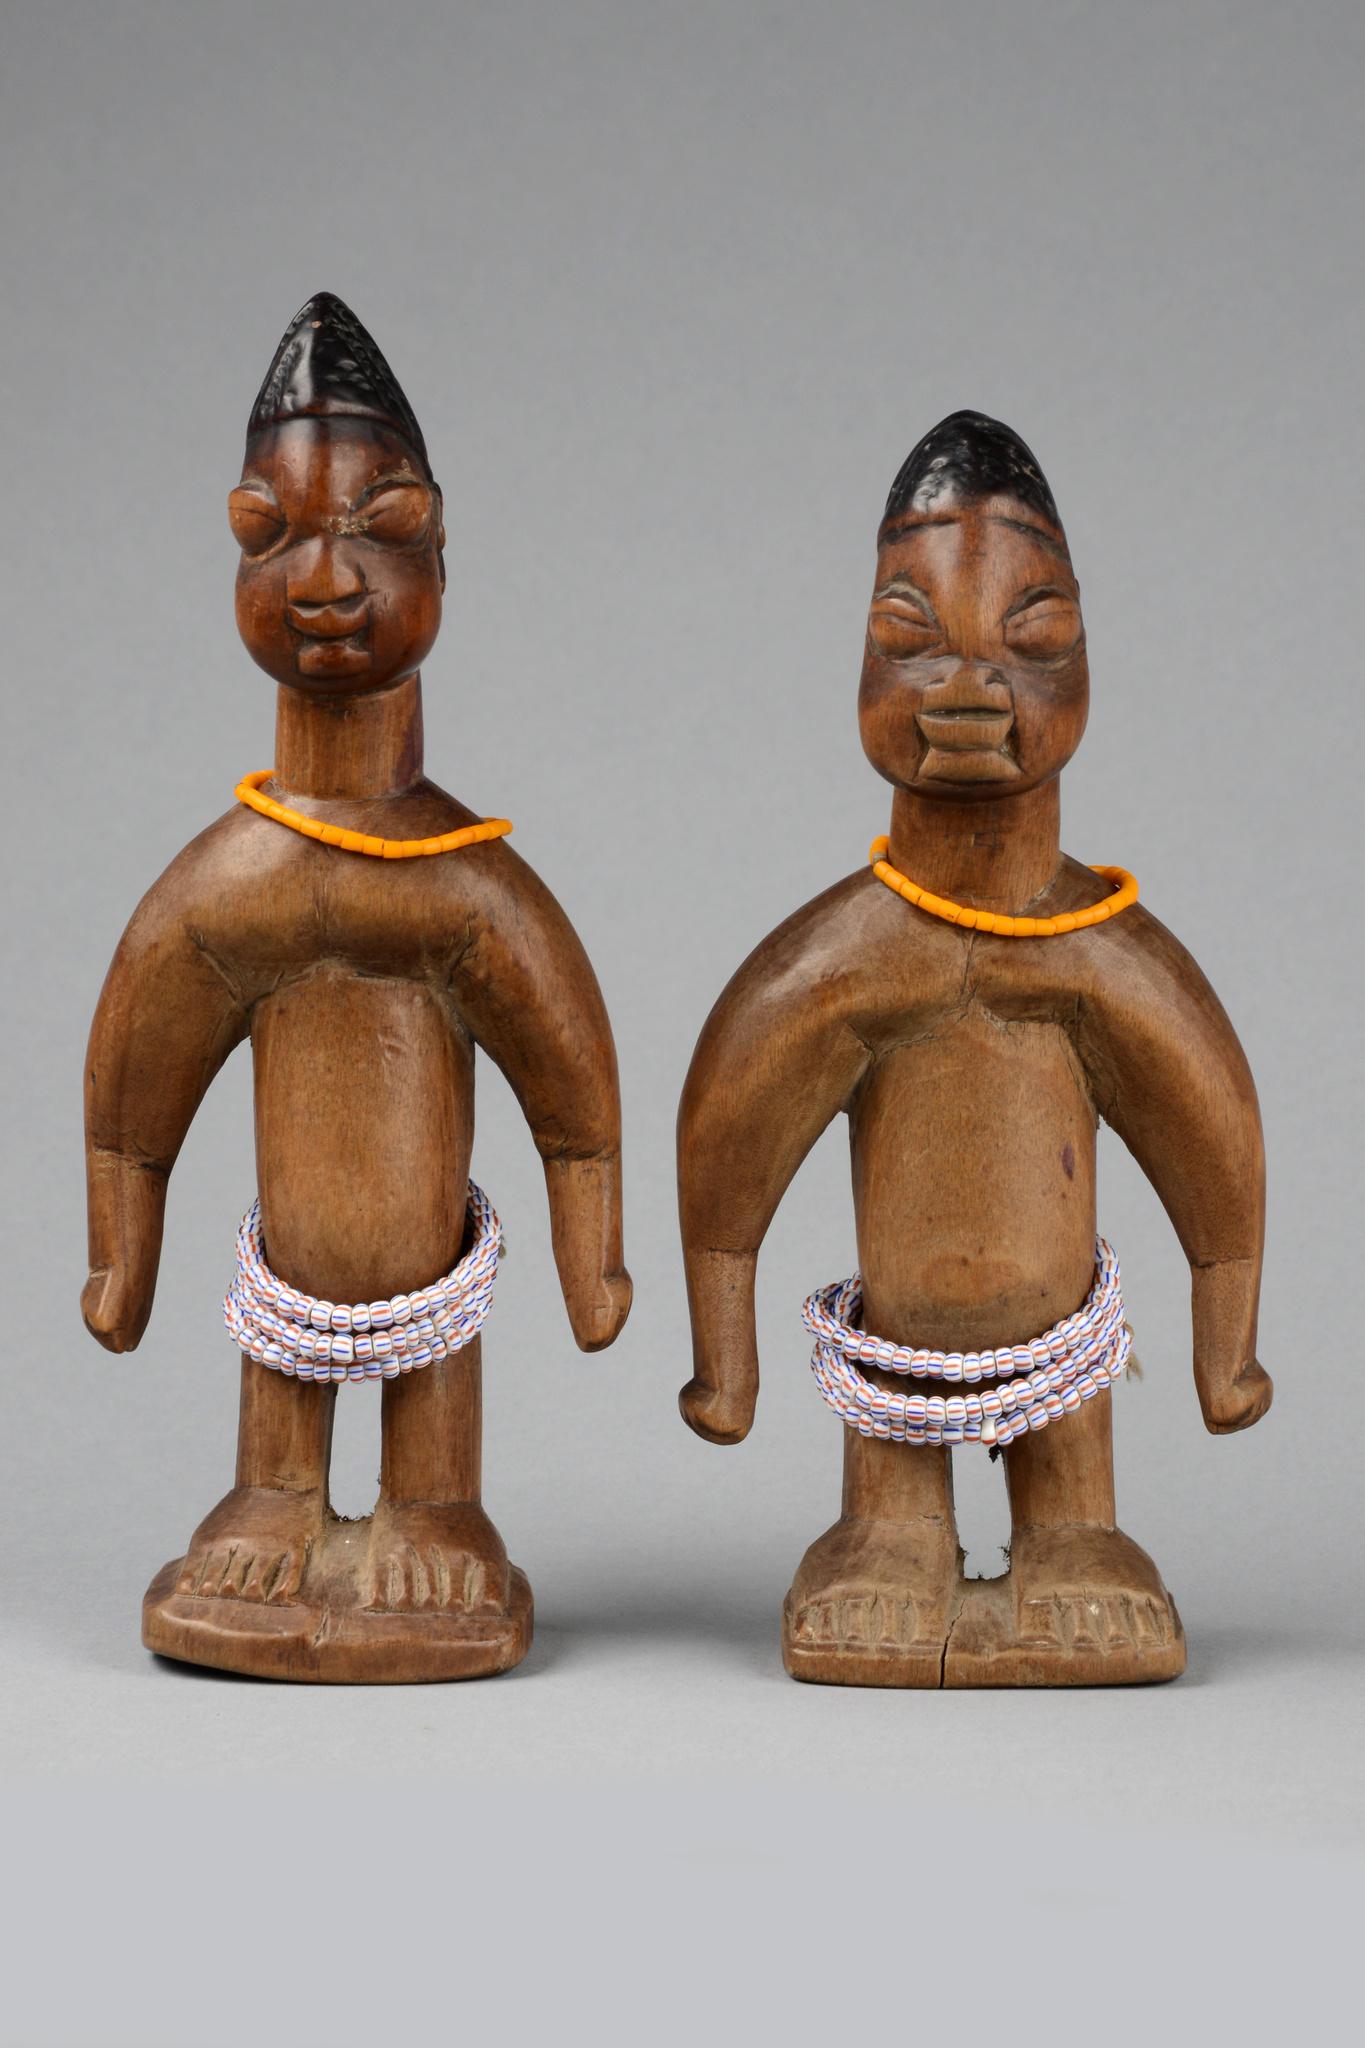 Männliches Zwillingsfigurenpaar